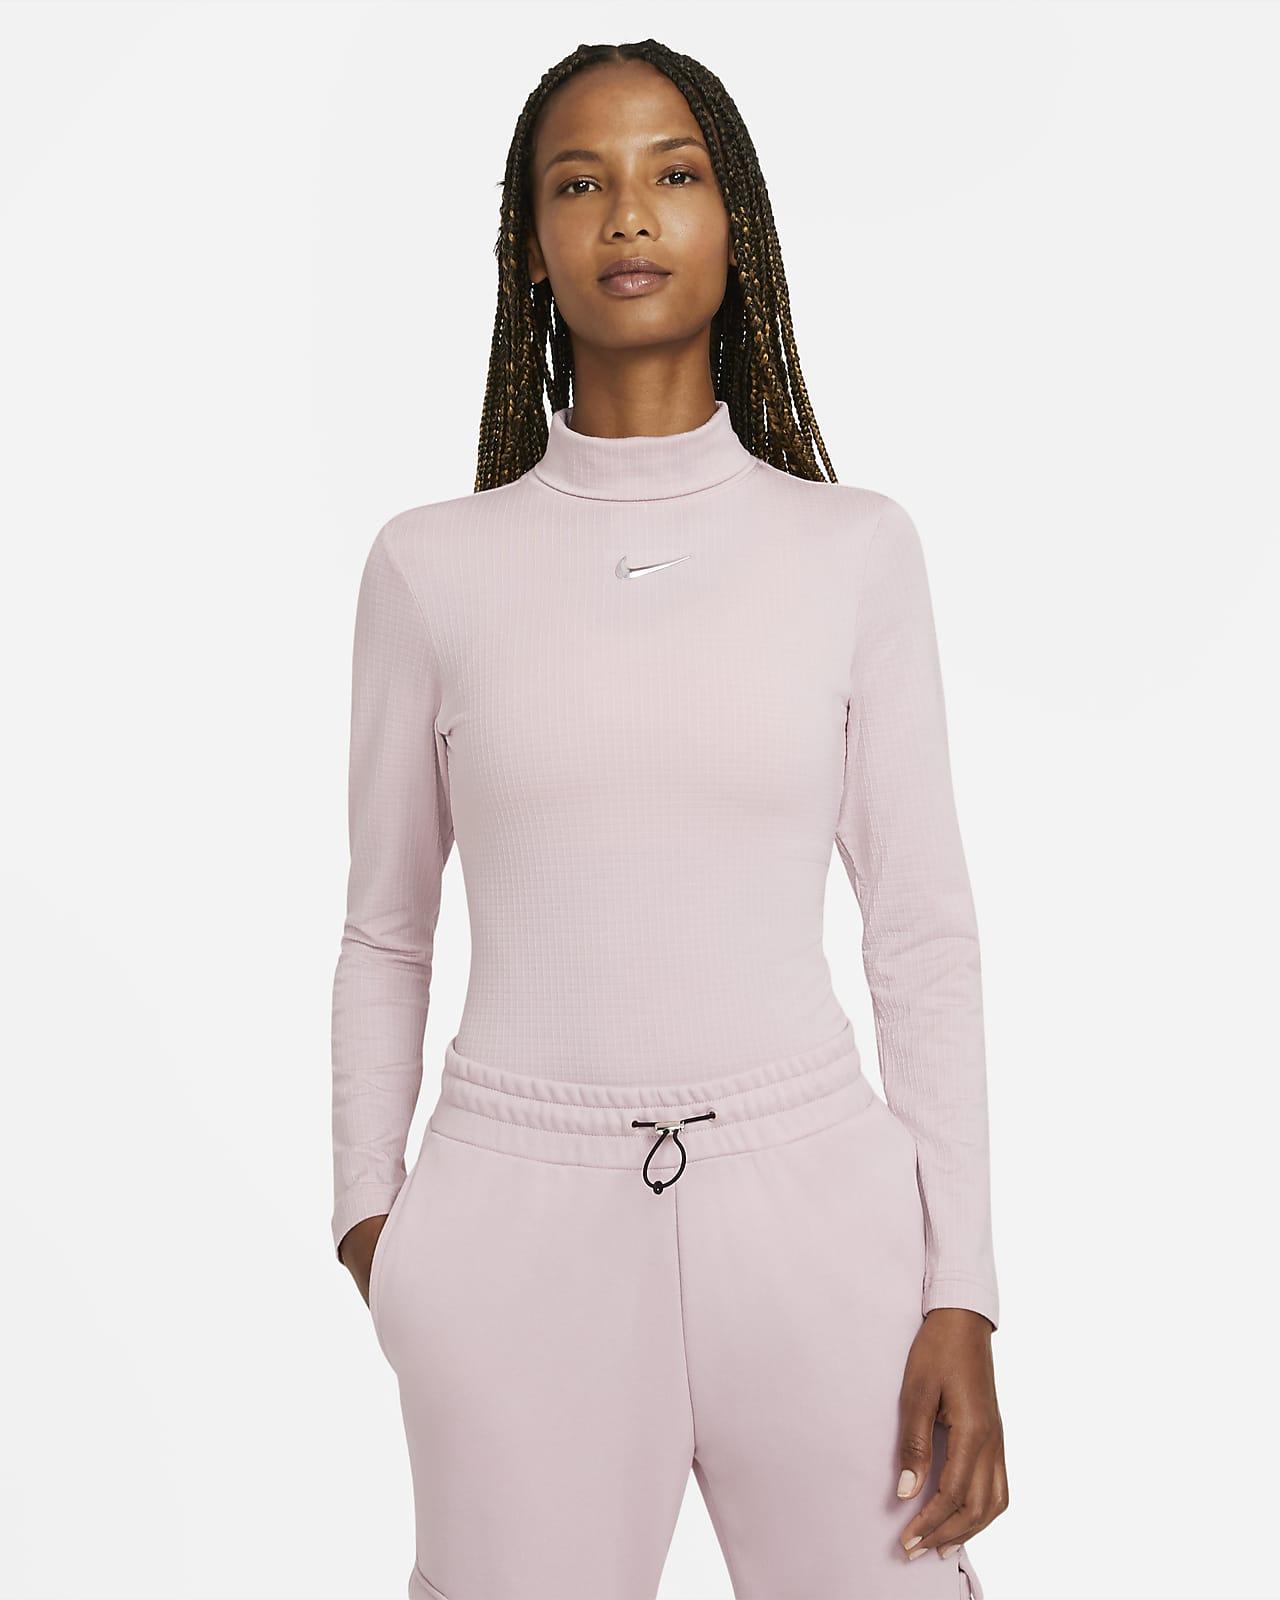 Haut à manches longues Nike Sportswear Swoosh pour Femme